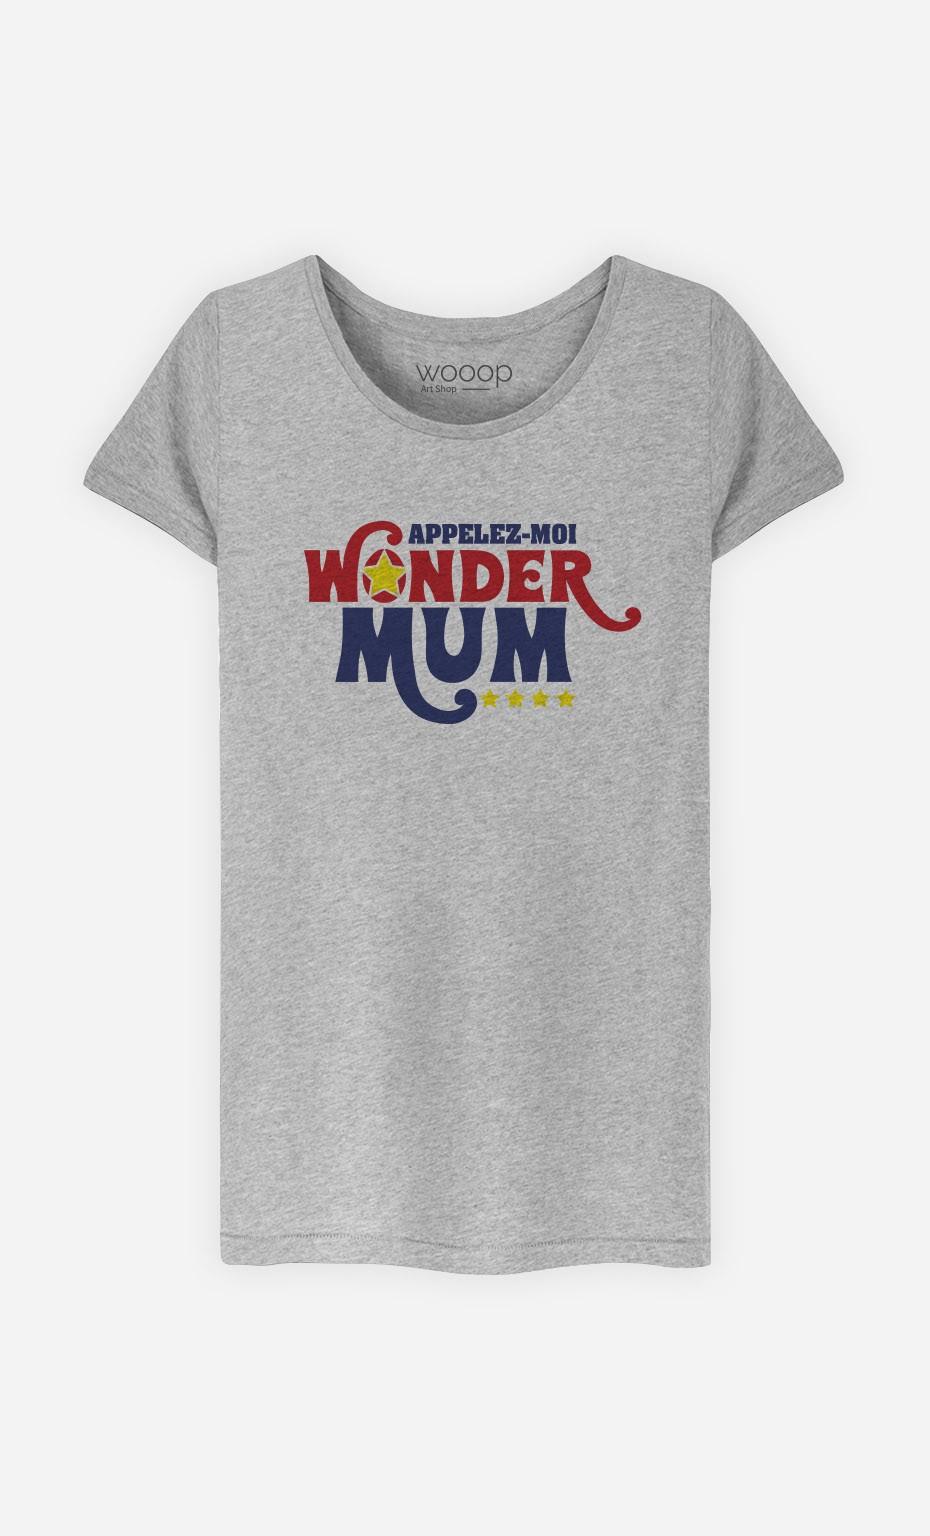 T-Shirt Appelez-Moi Wonder Mum